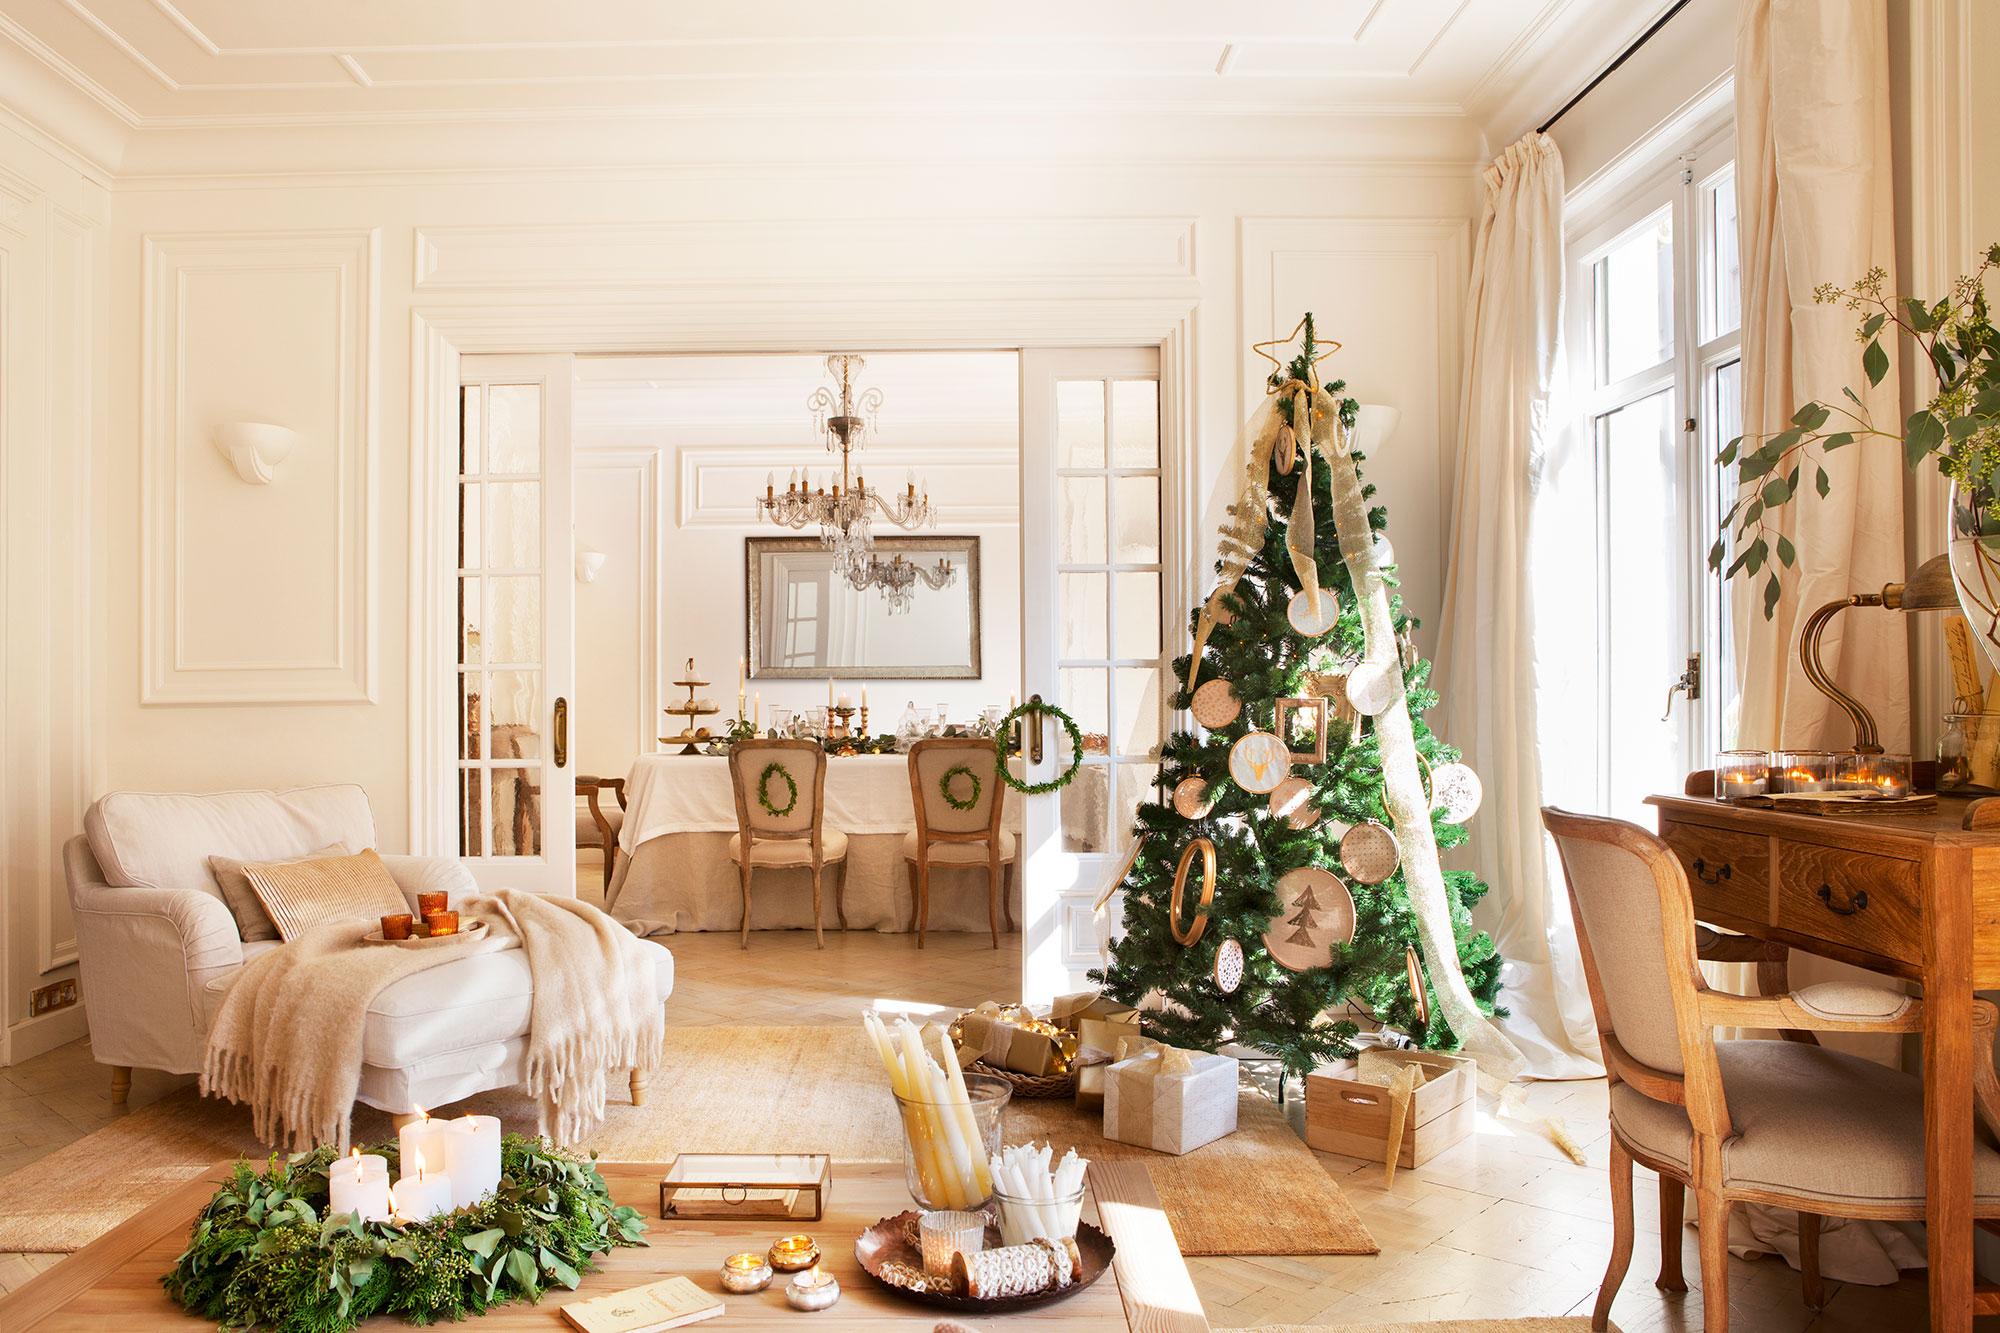 Decorar el rbol de navidad 15 propuestas de todos los - Decorar arbol de navidad blanco ...